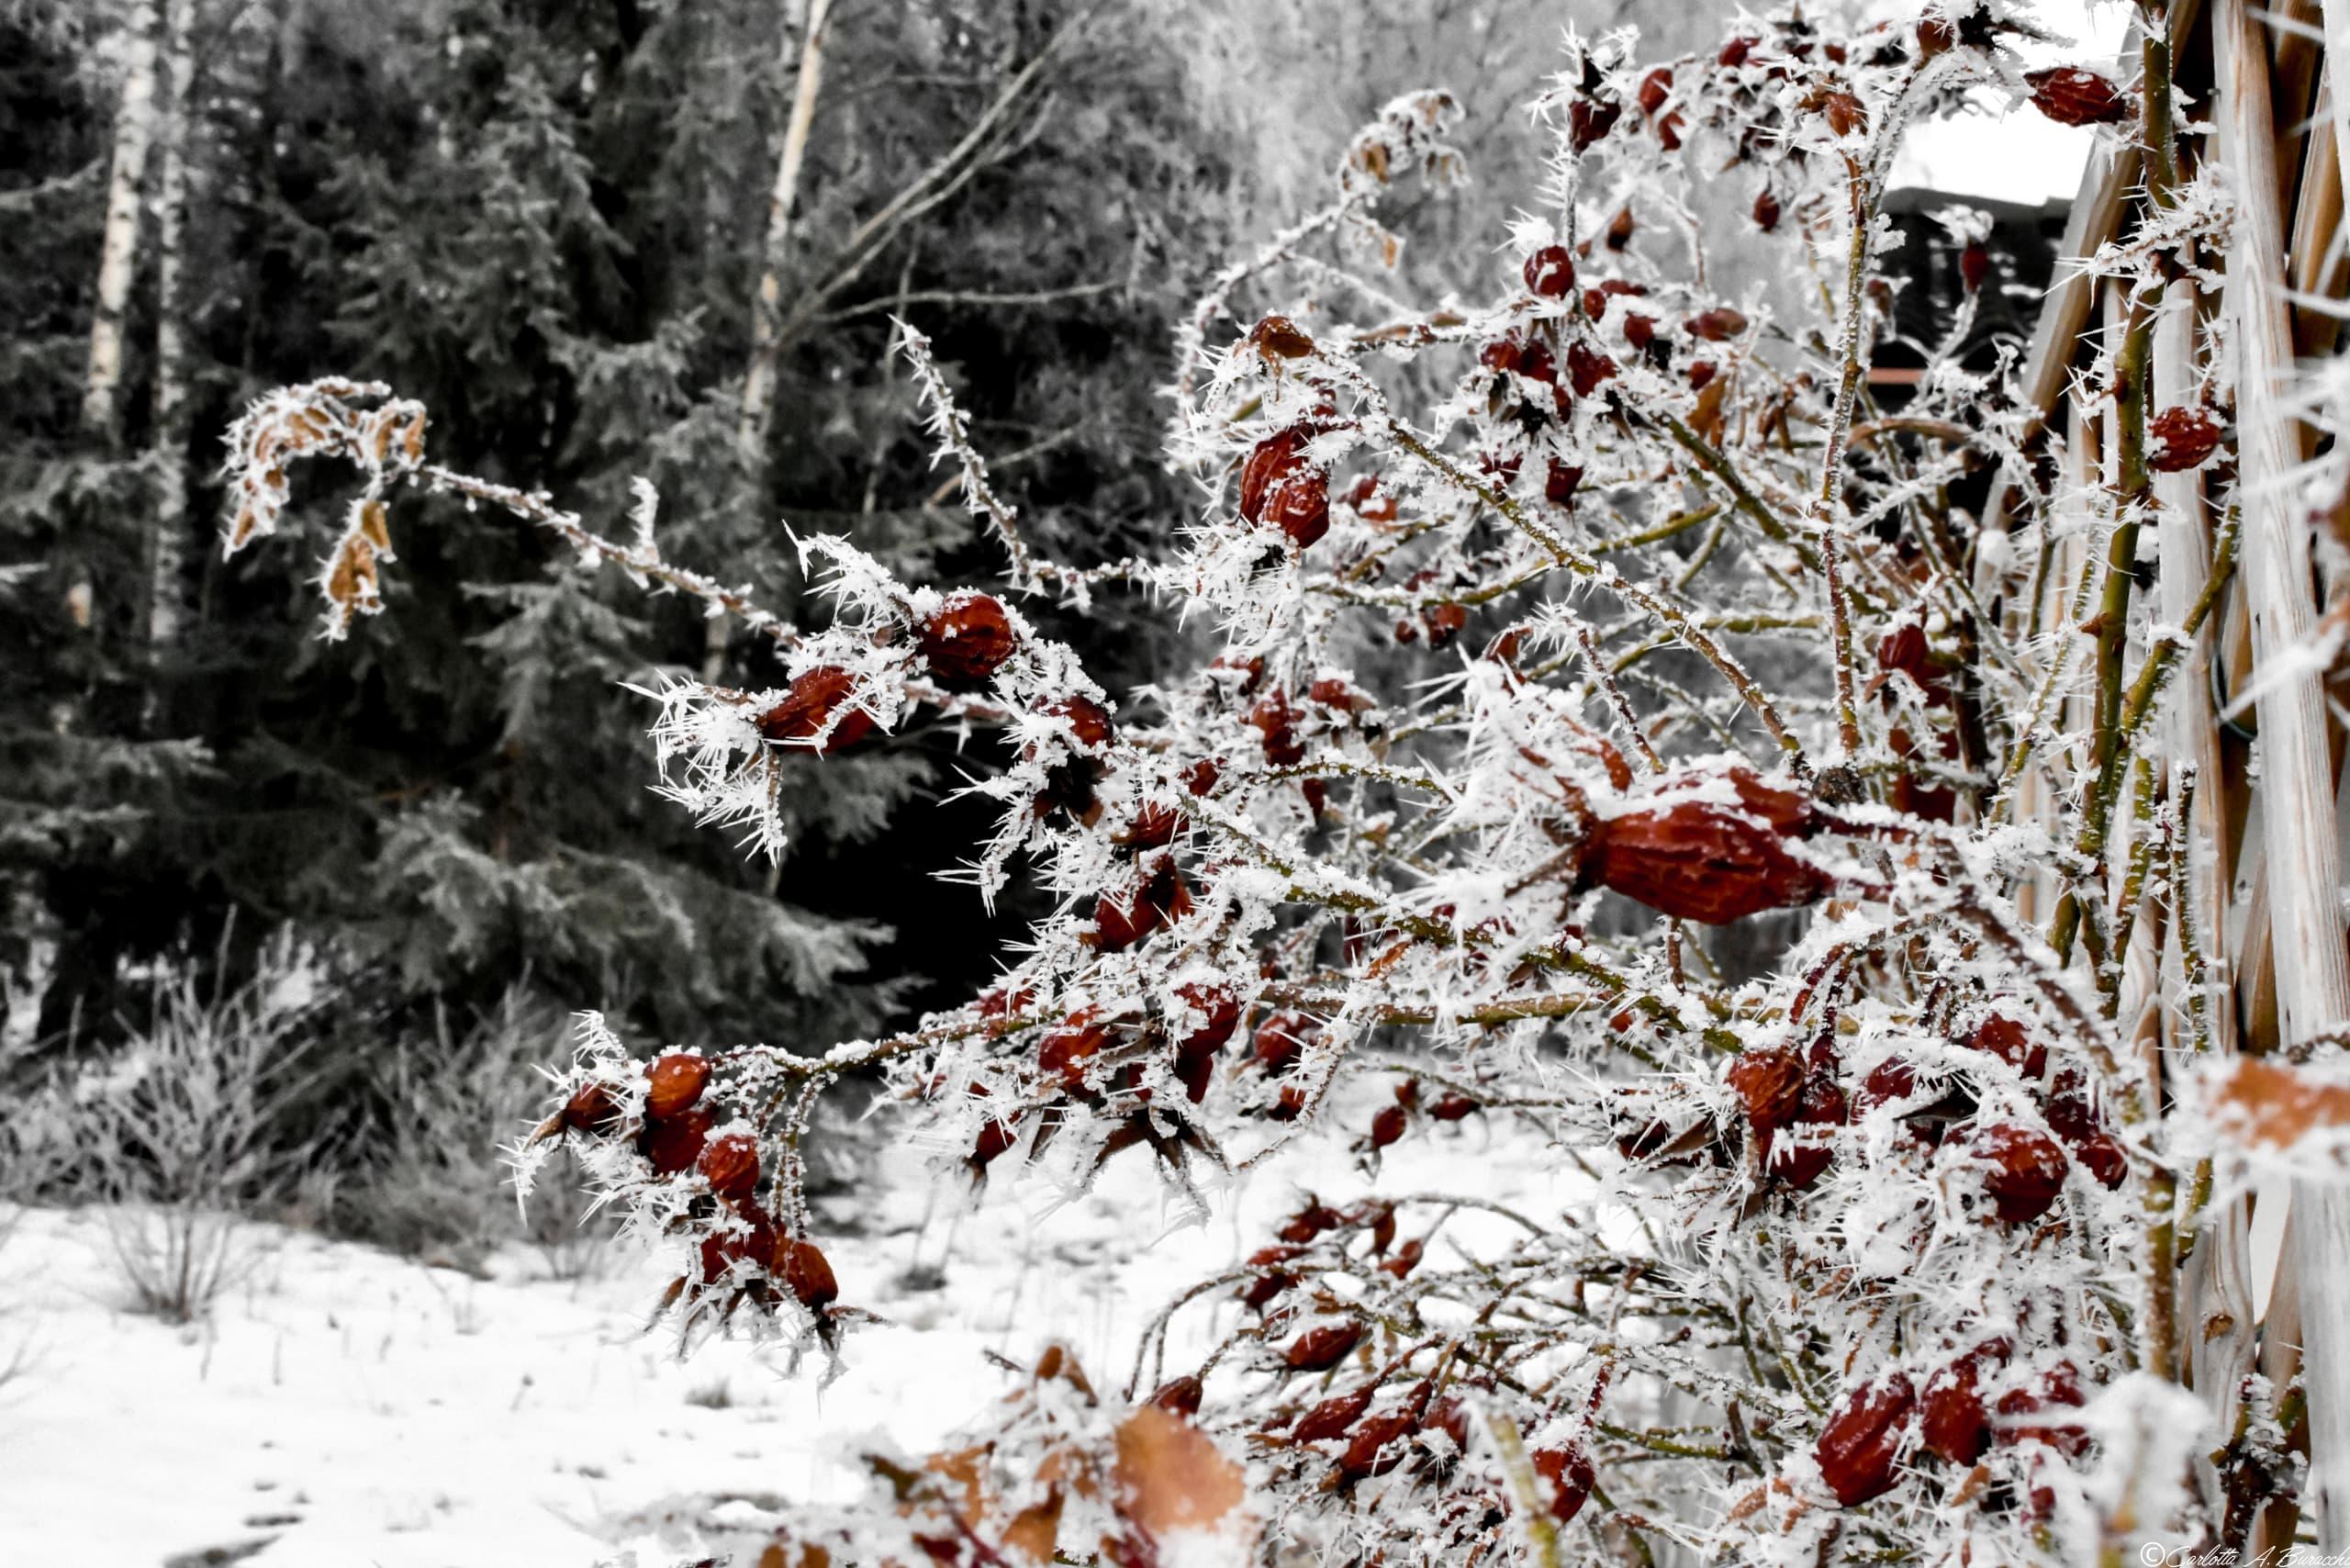 La natura attorno al Ristorante Albergo Aquila Nera, nella Valle dei Mòcheni